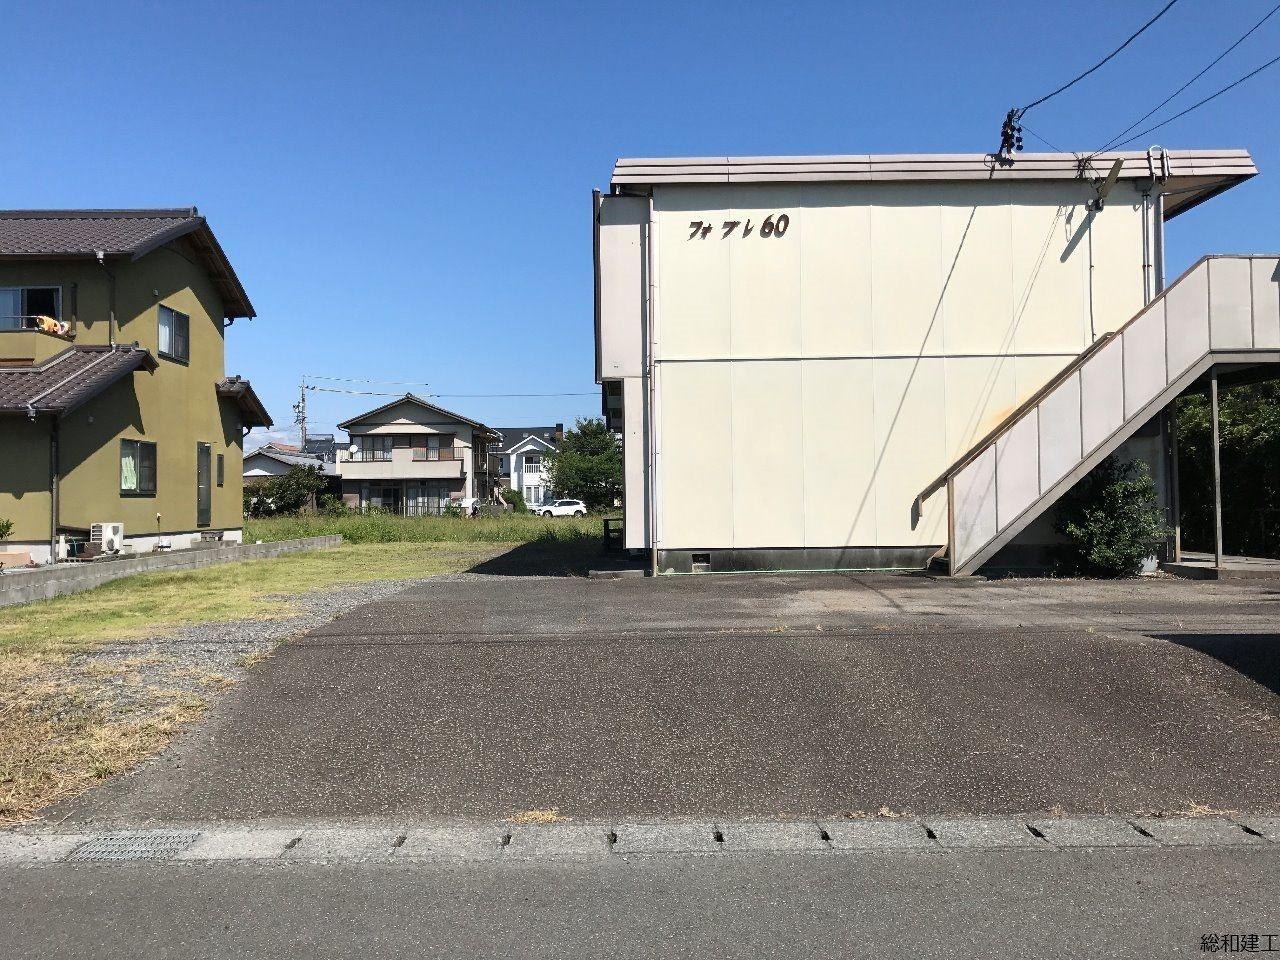 スーパー富士屋、あかのれん焼津南店近く!解体更地渡し! 表紙